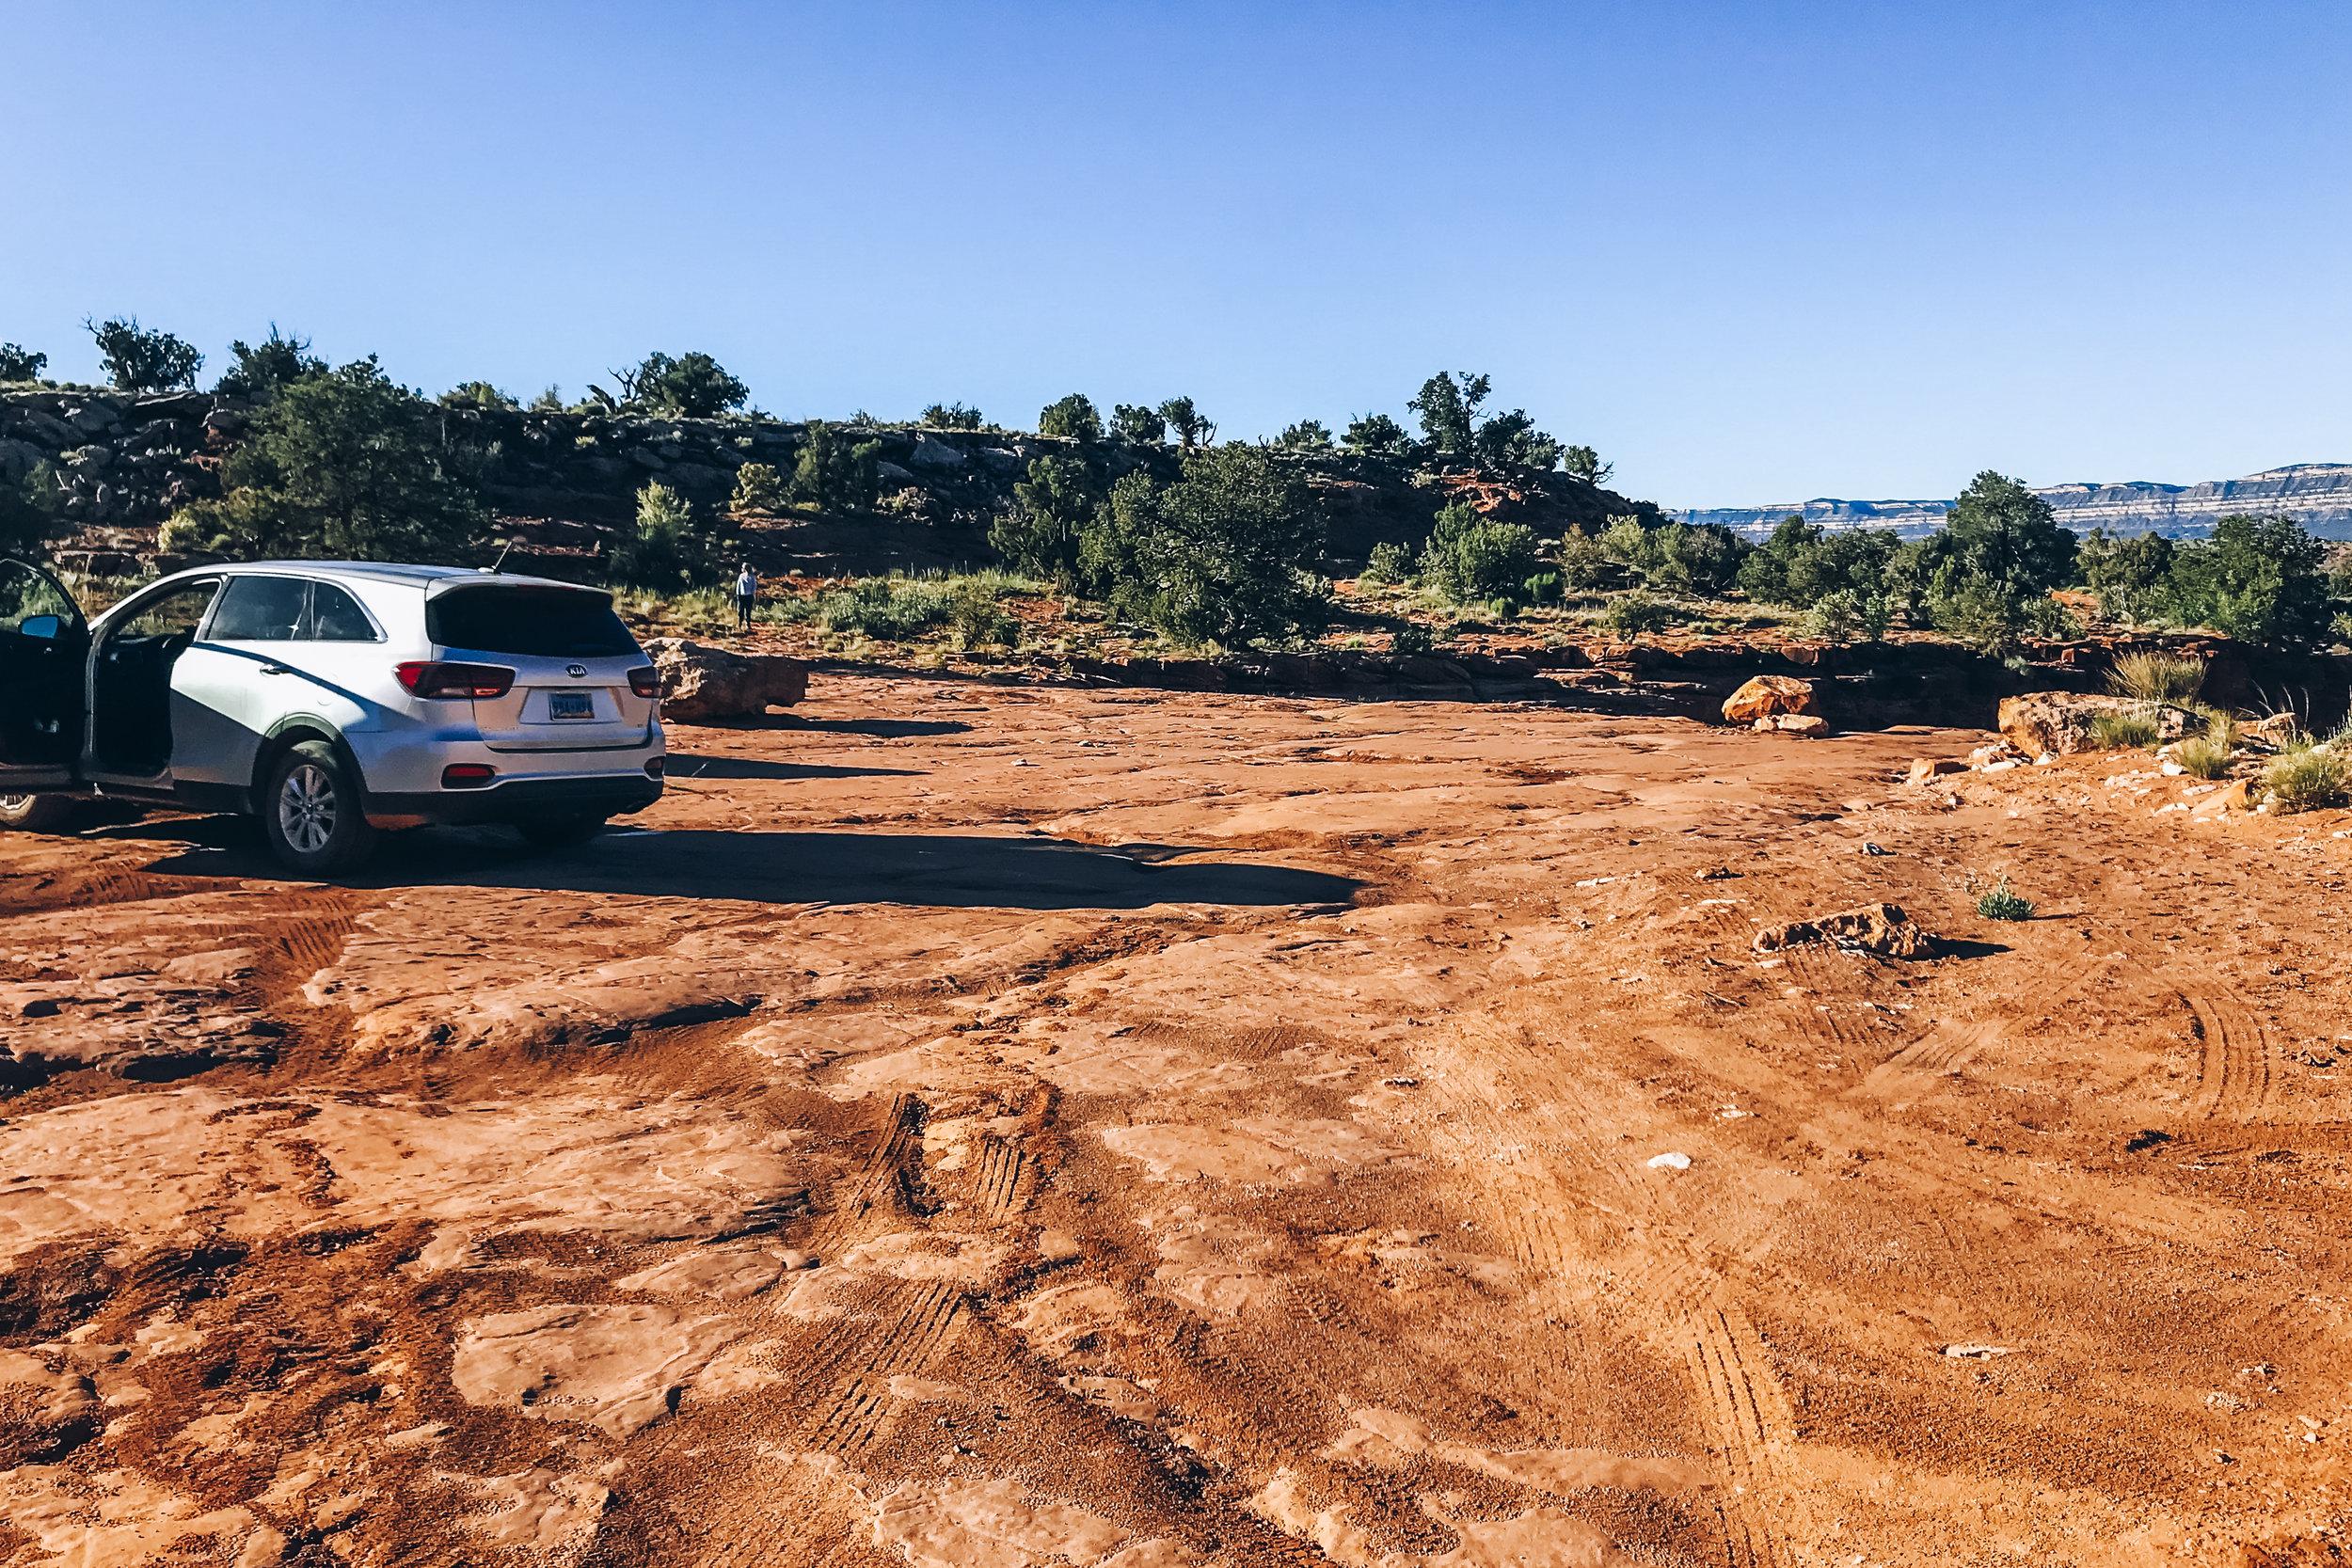 Egypt-1-slot-canyon-4223.jpg